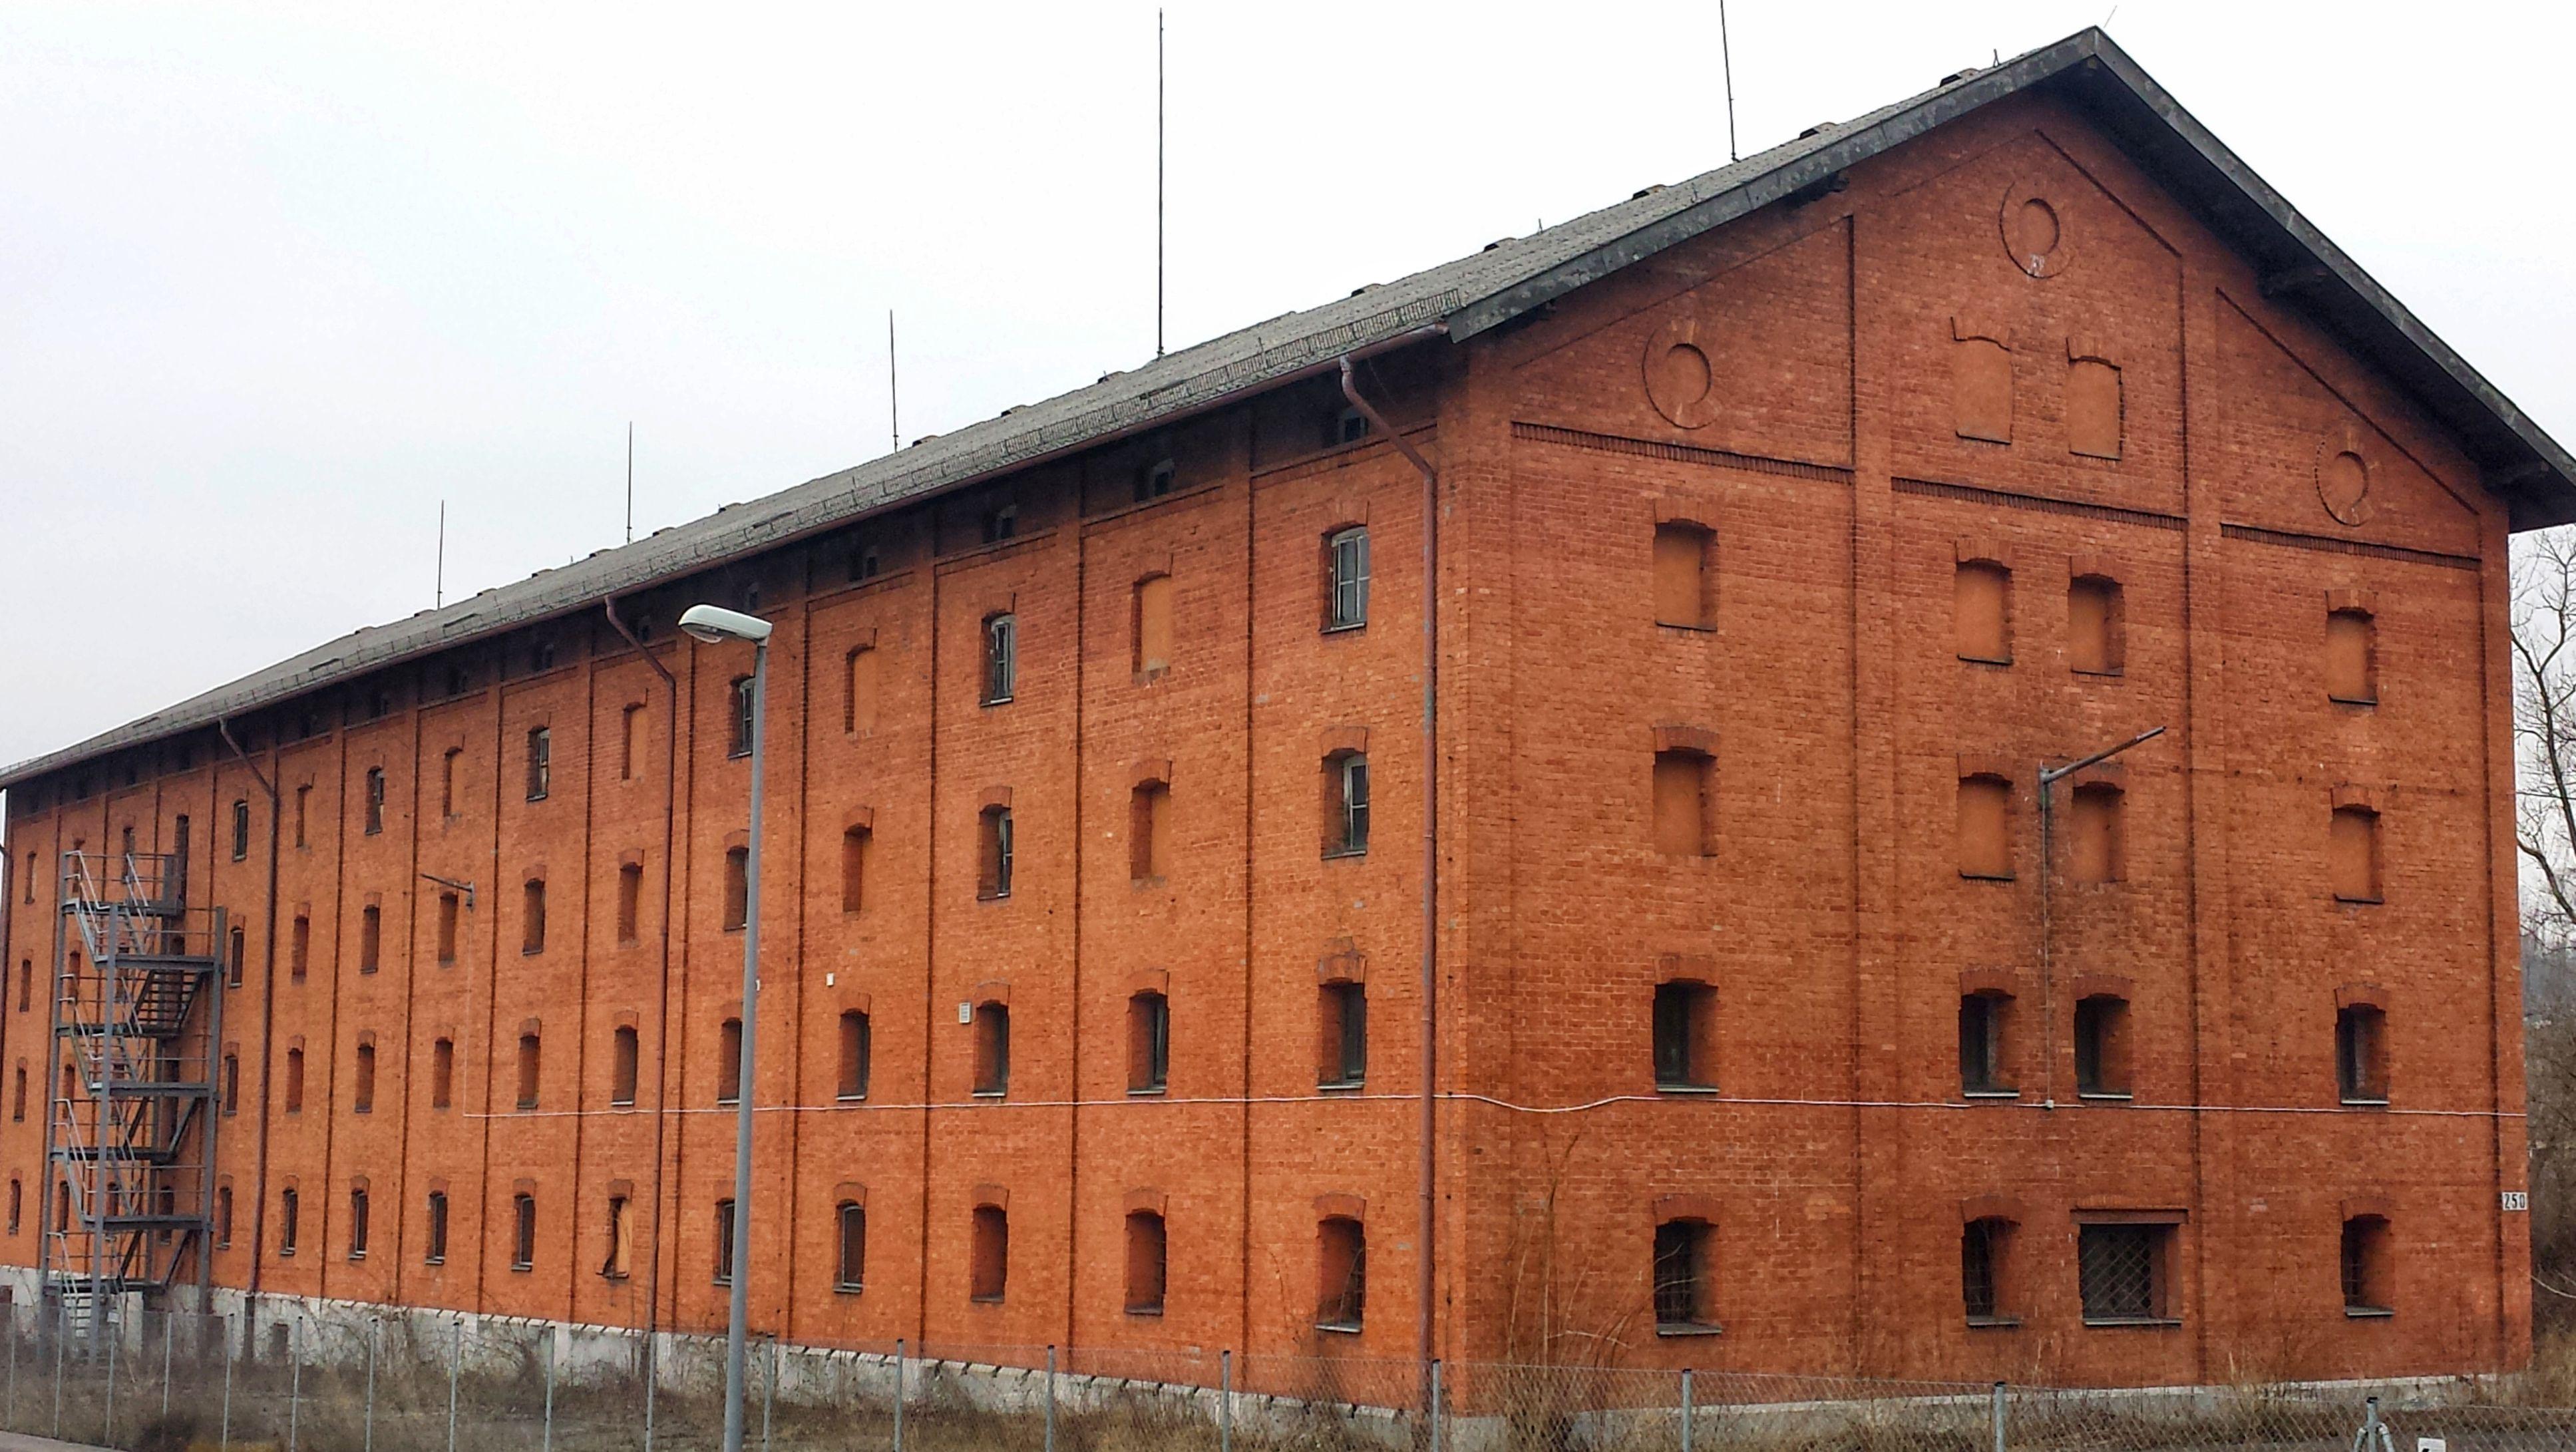 Ein Gebäude der Faulenberg-Kaserne in Würzburg